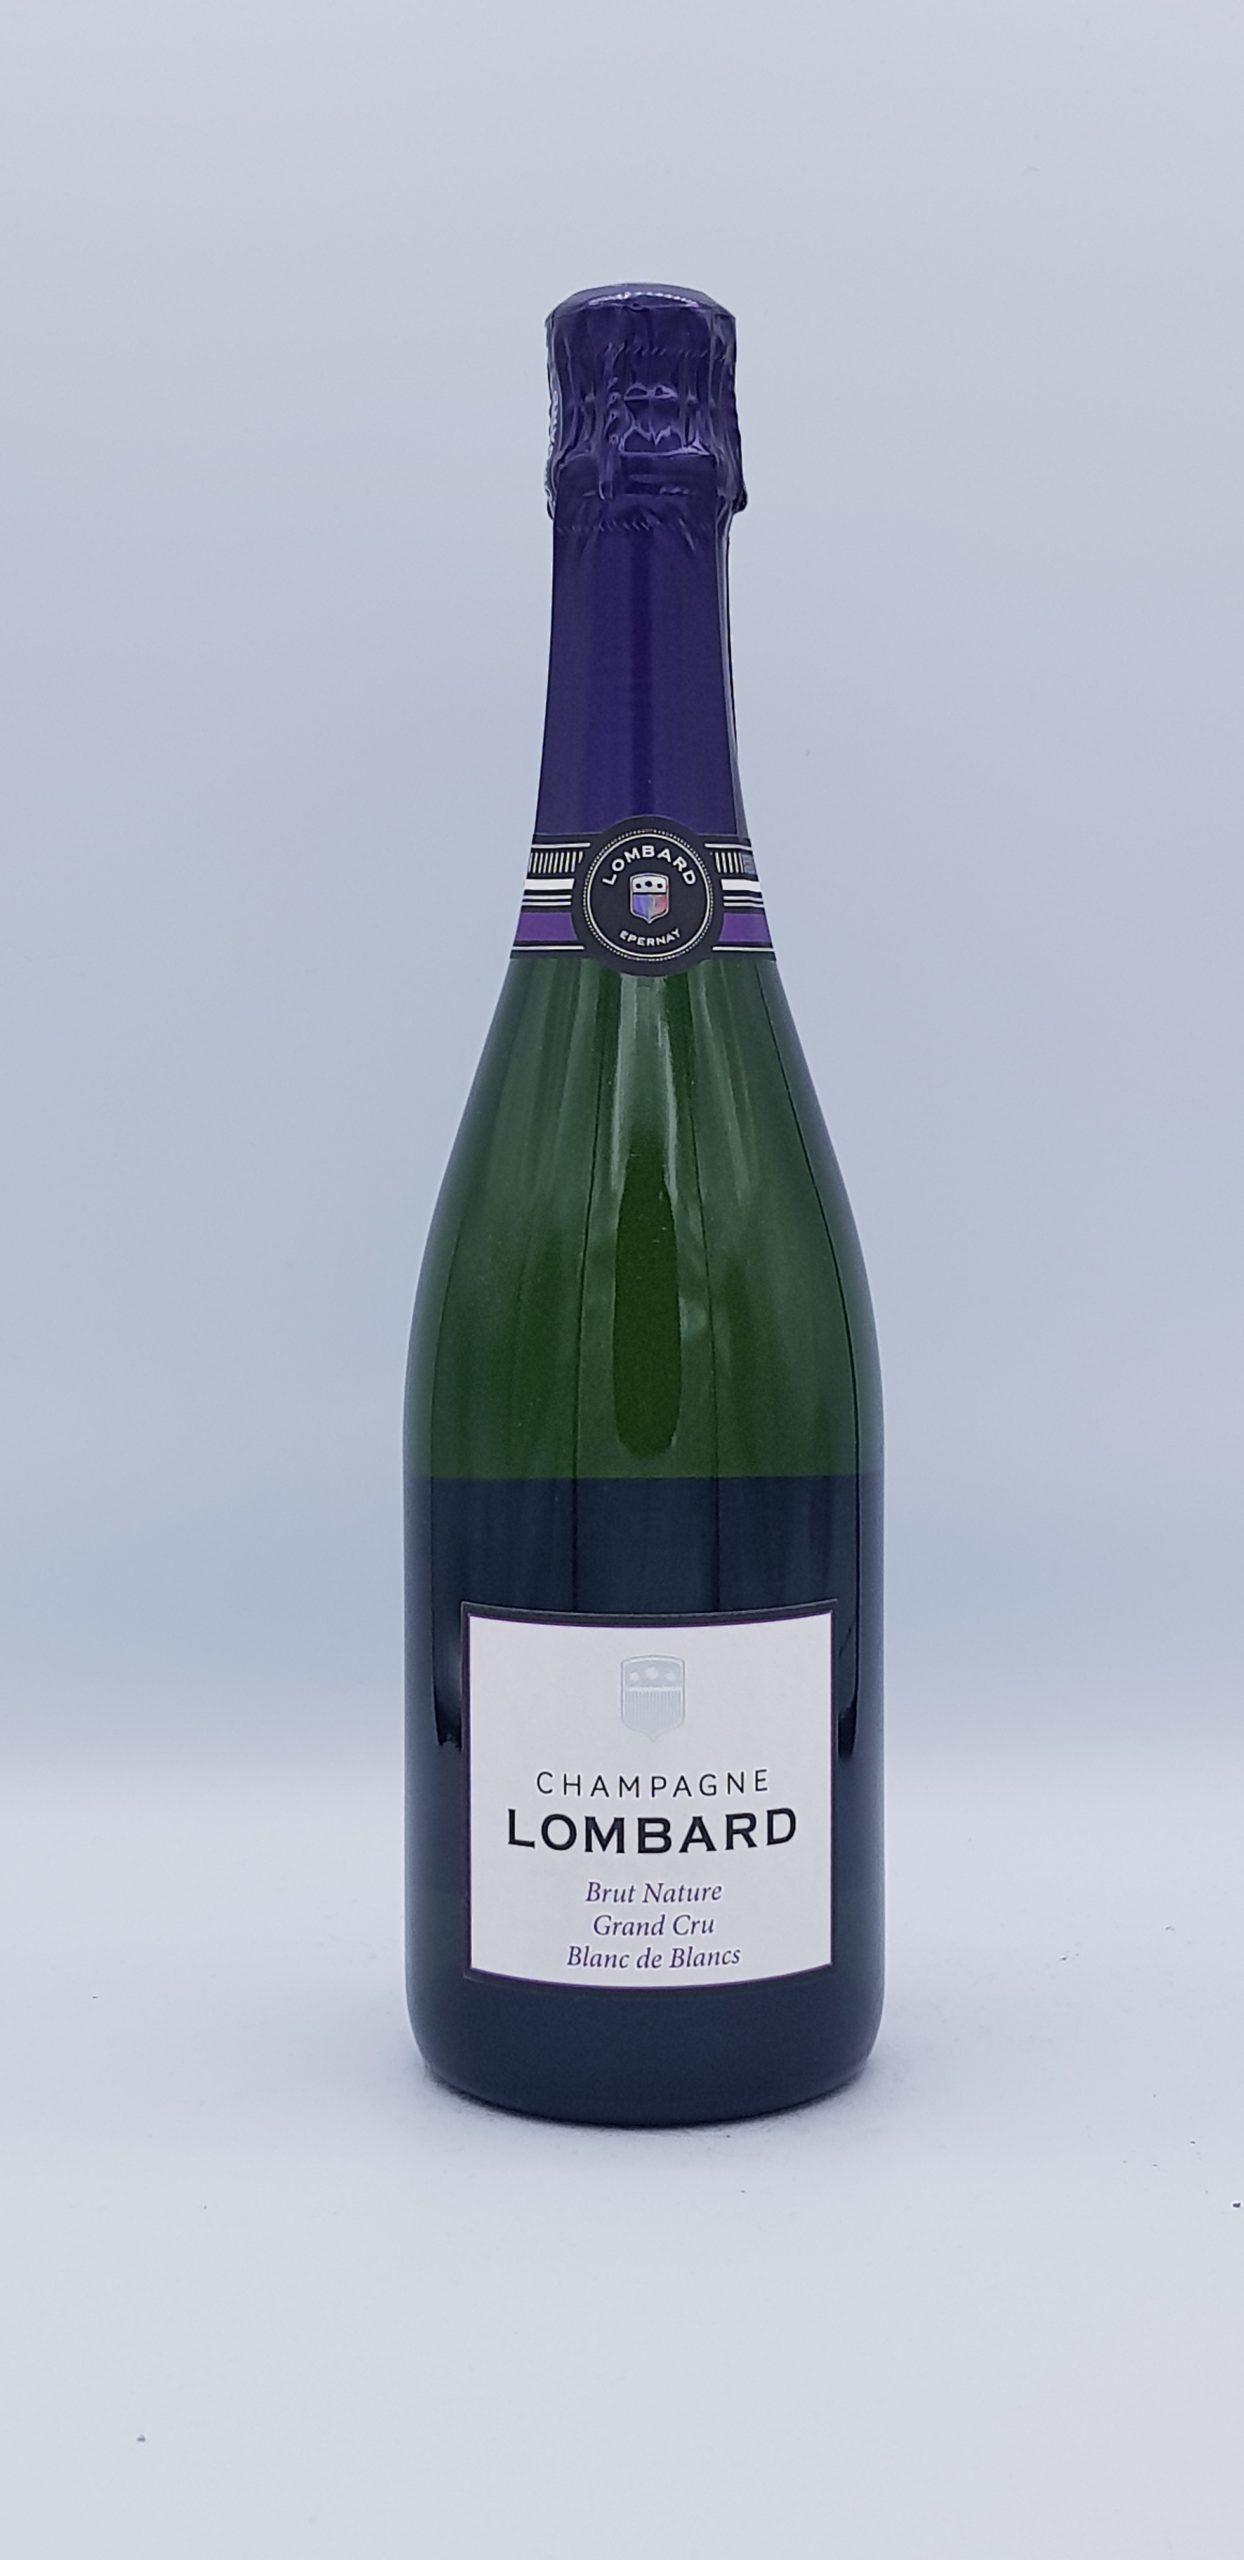 Champagne Lombard Brut Nature Grd Cru Bdb